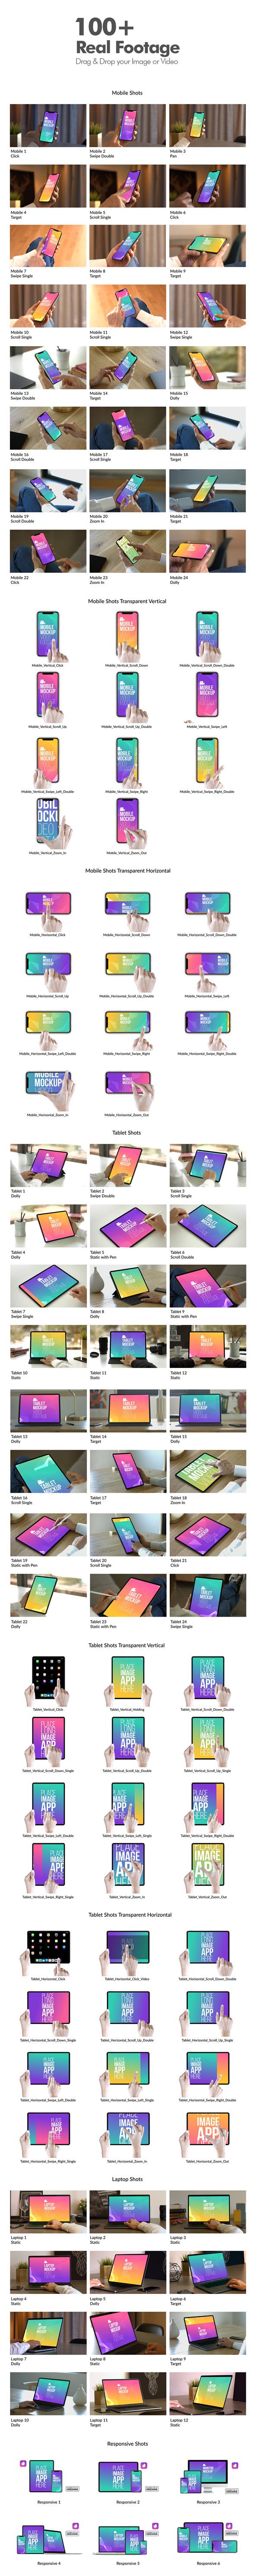 实拍视频素材iPad Pro/iPhone XI手势操作屏幕界面扣像合成第四季AE模板-CG海